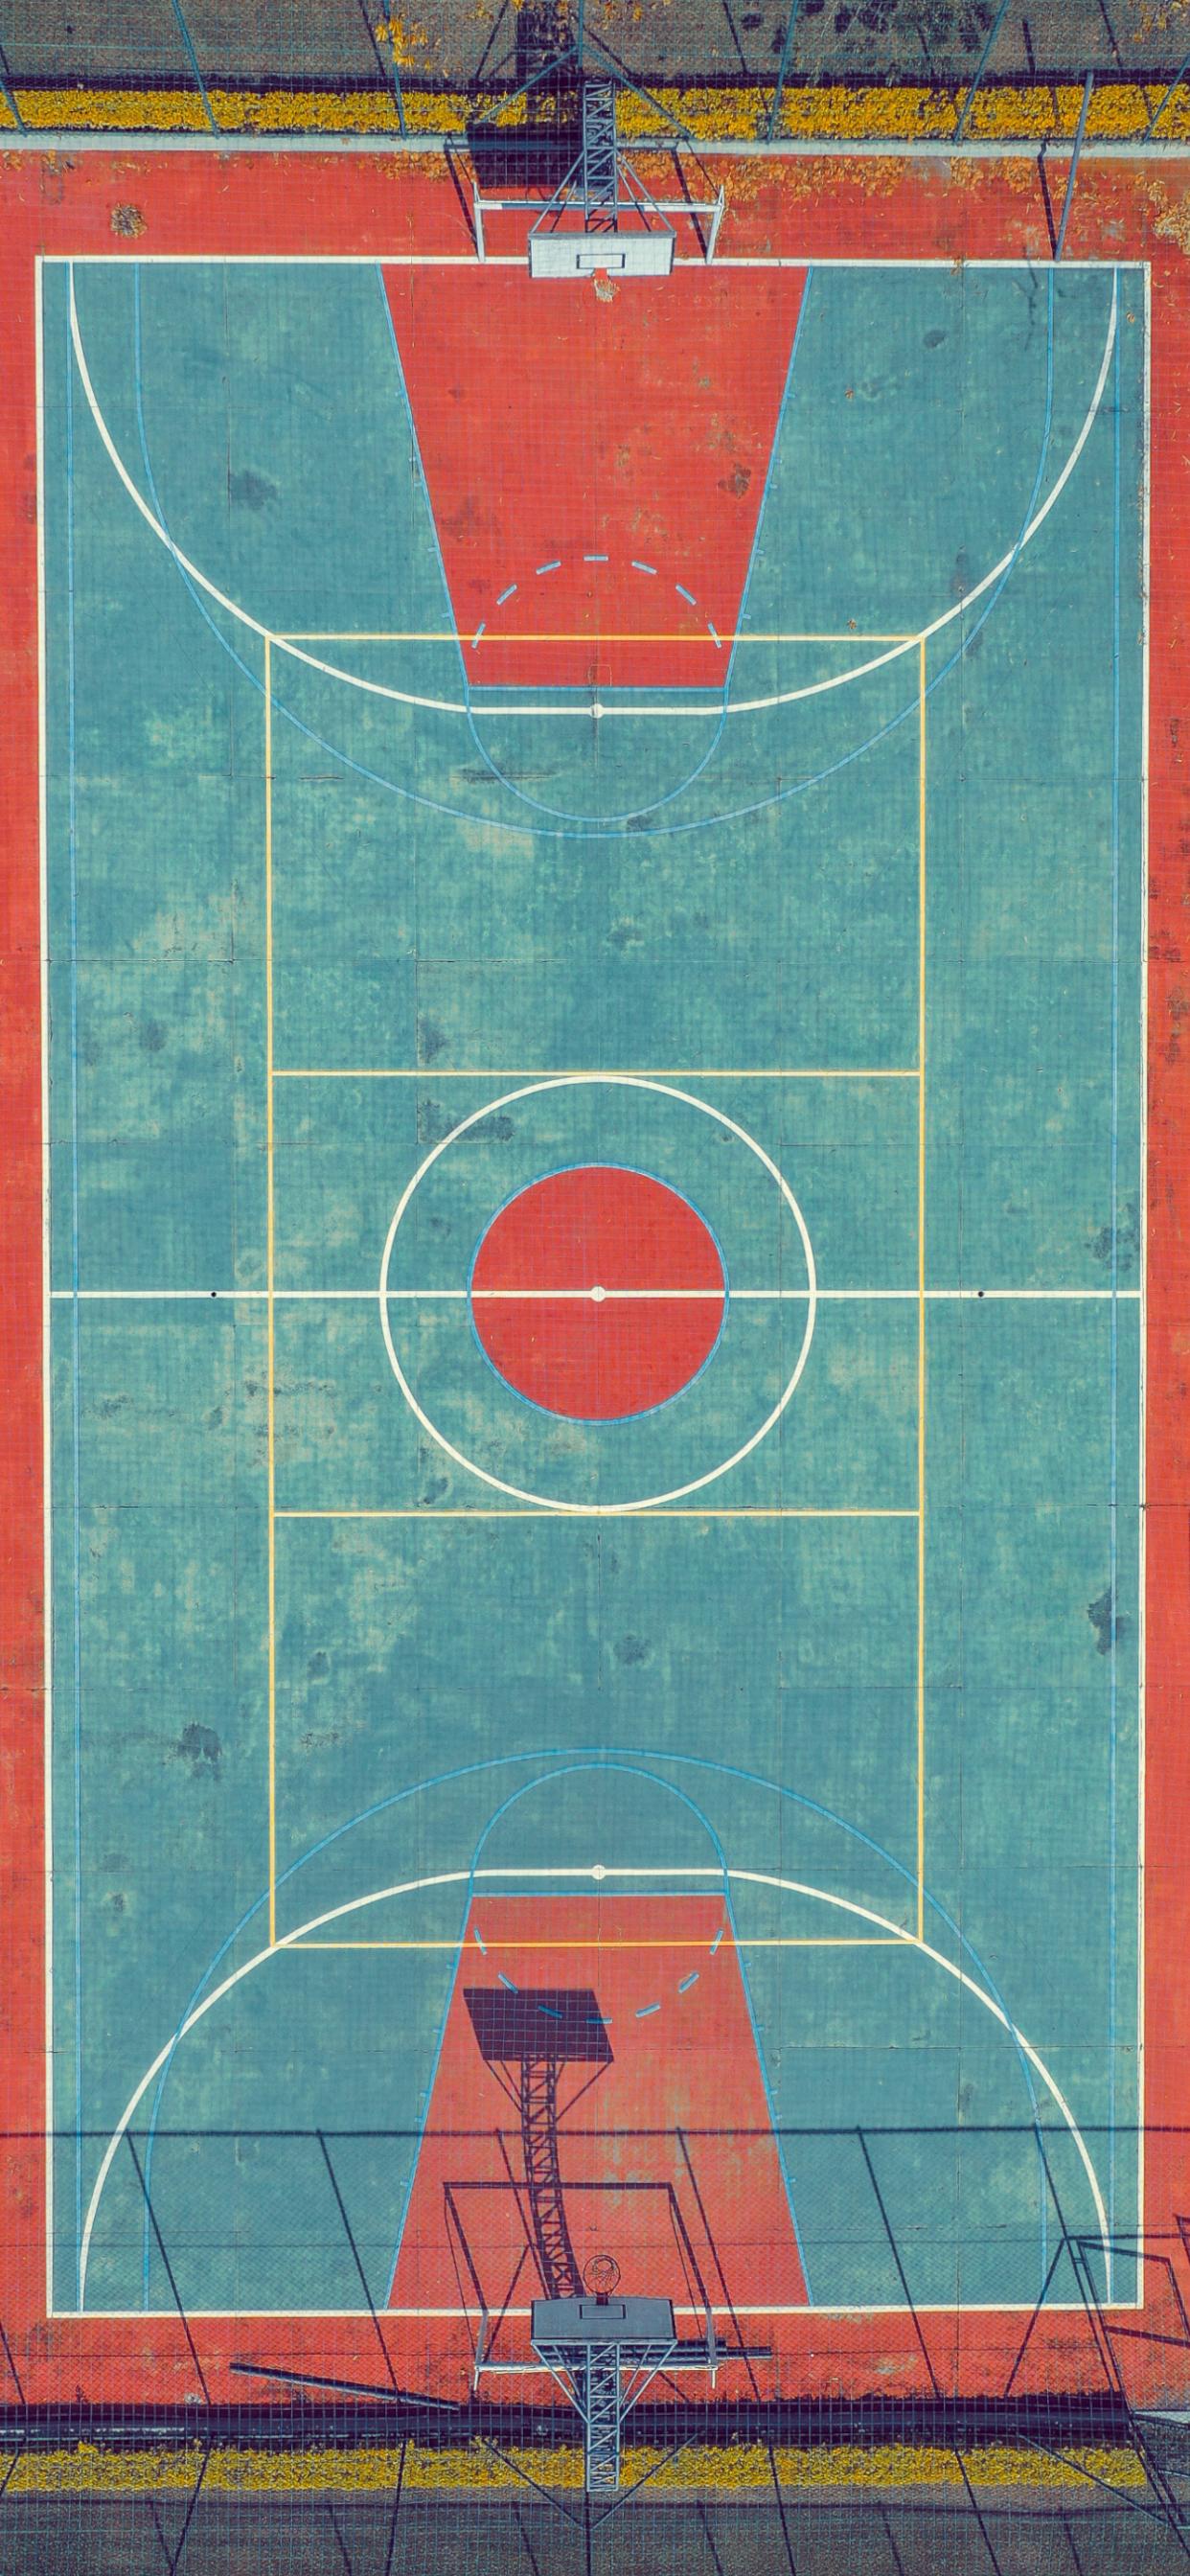 iPhone wallpapers basketball court brazil Fonds d'écran iPhone du 07/05/2020